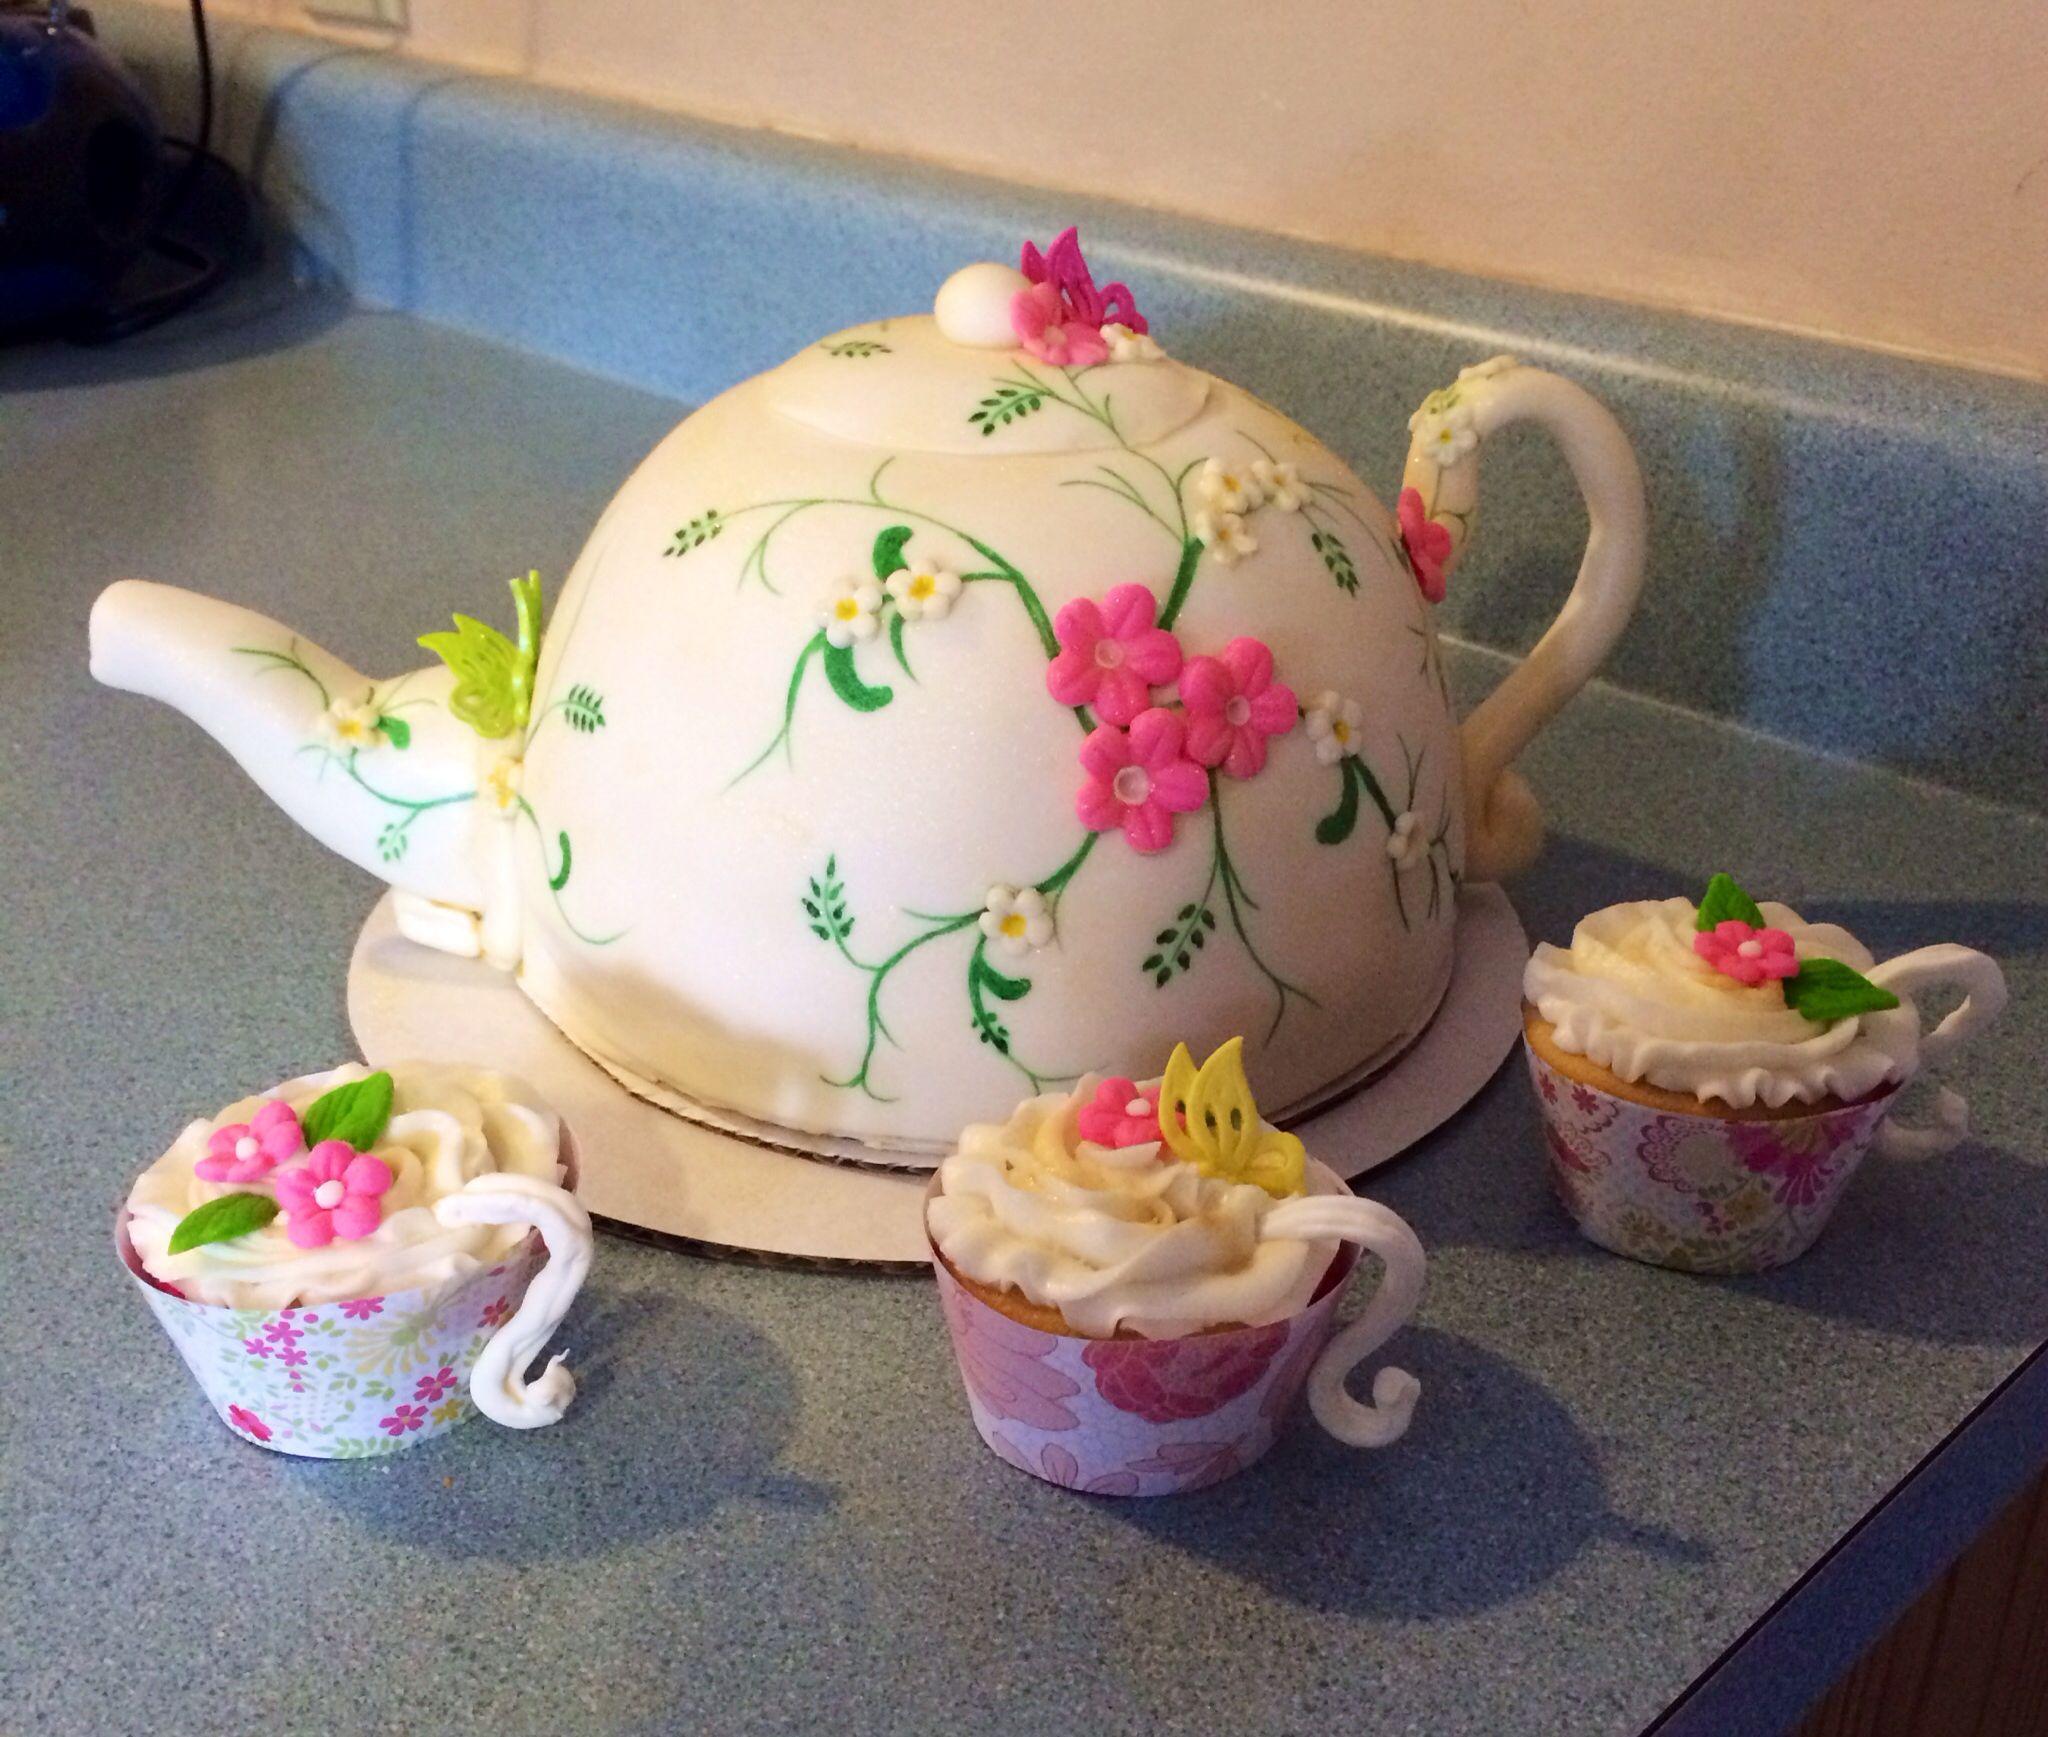 Tea Party Teapot Birthday Cake, Kelly's Cakes.